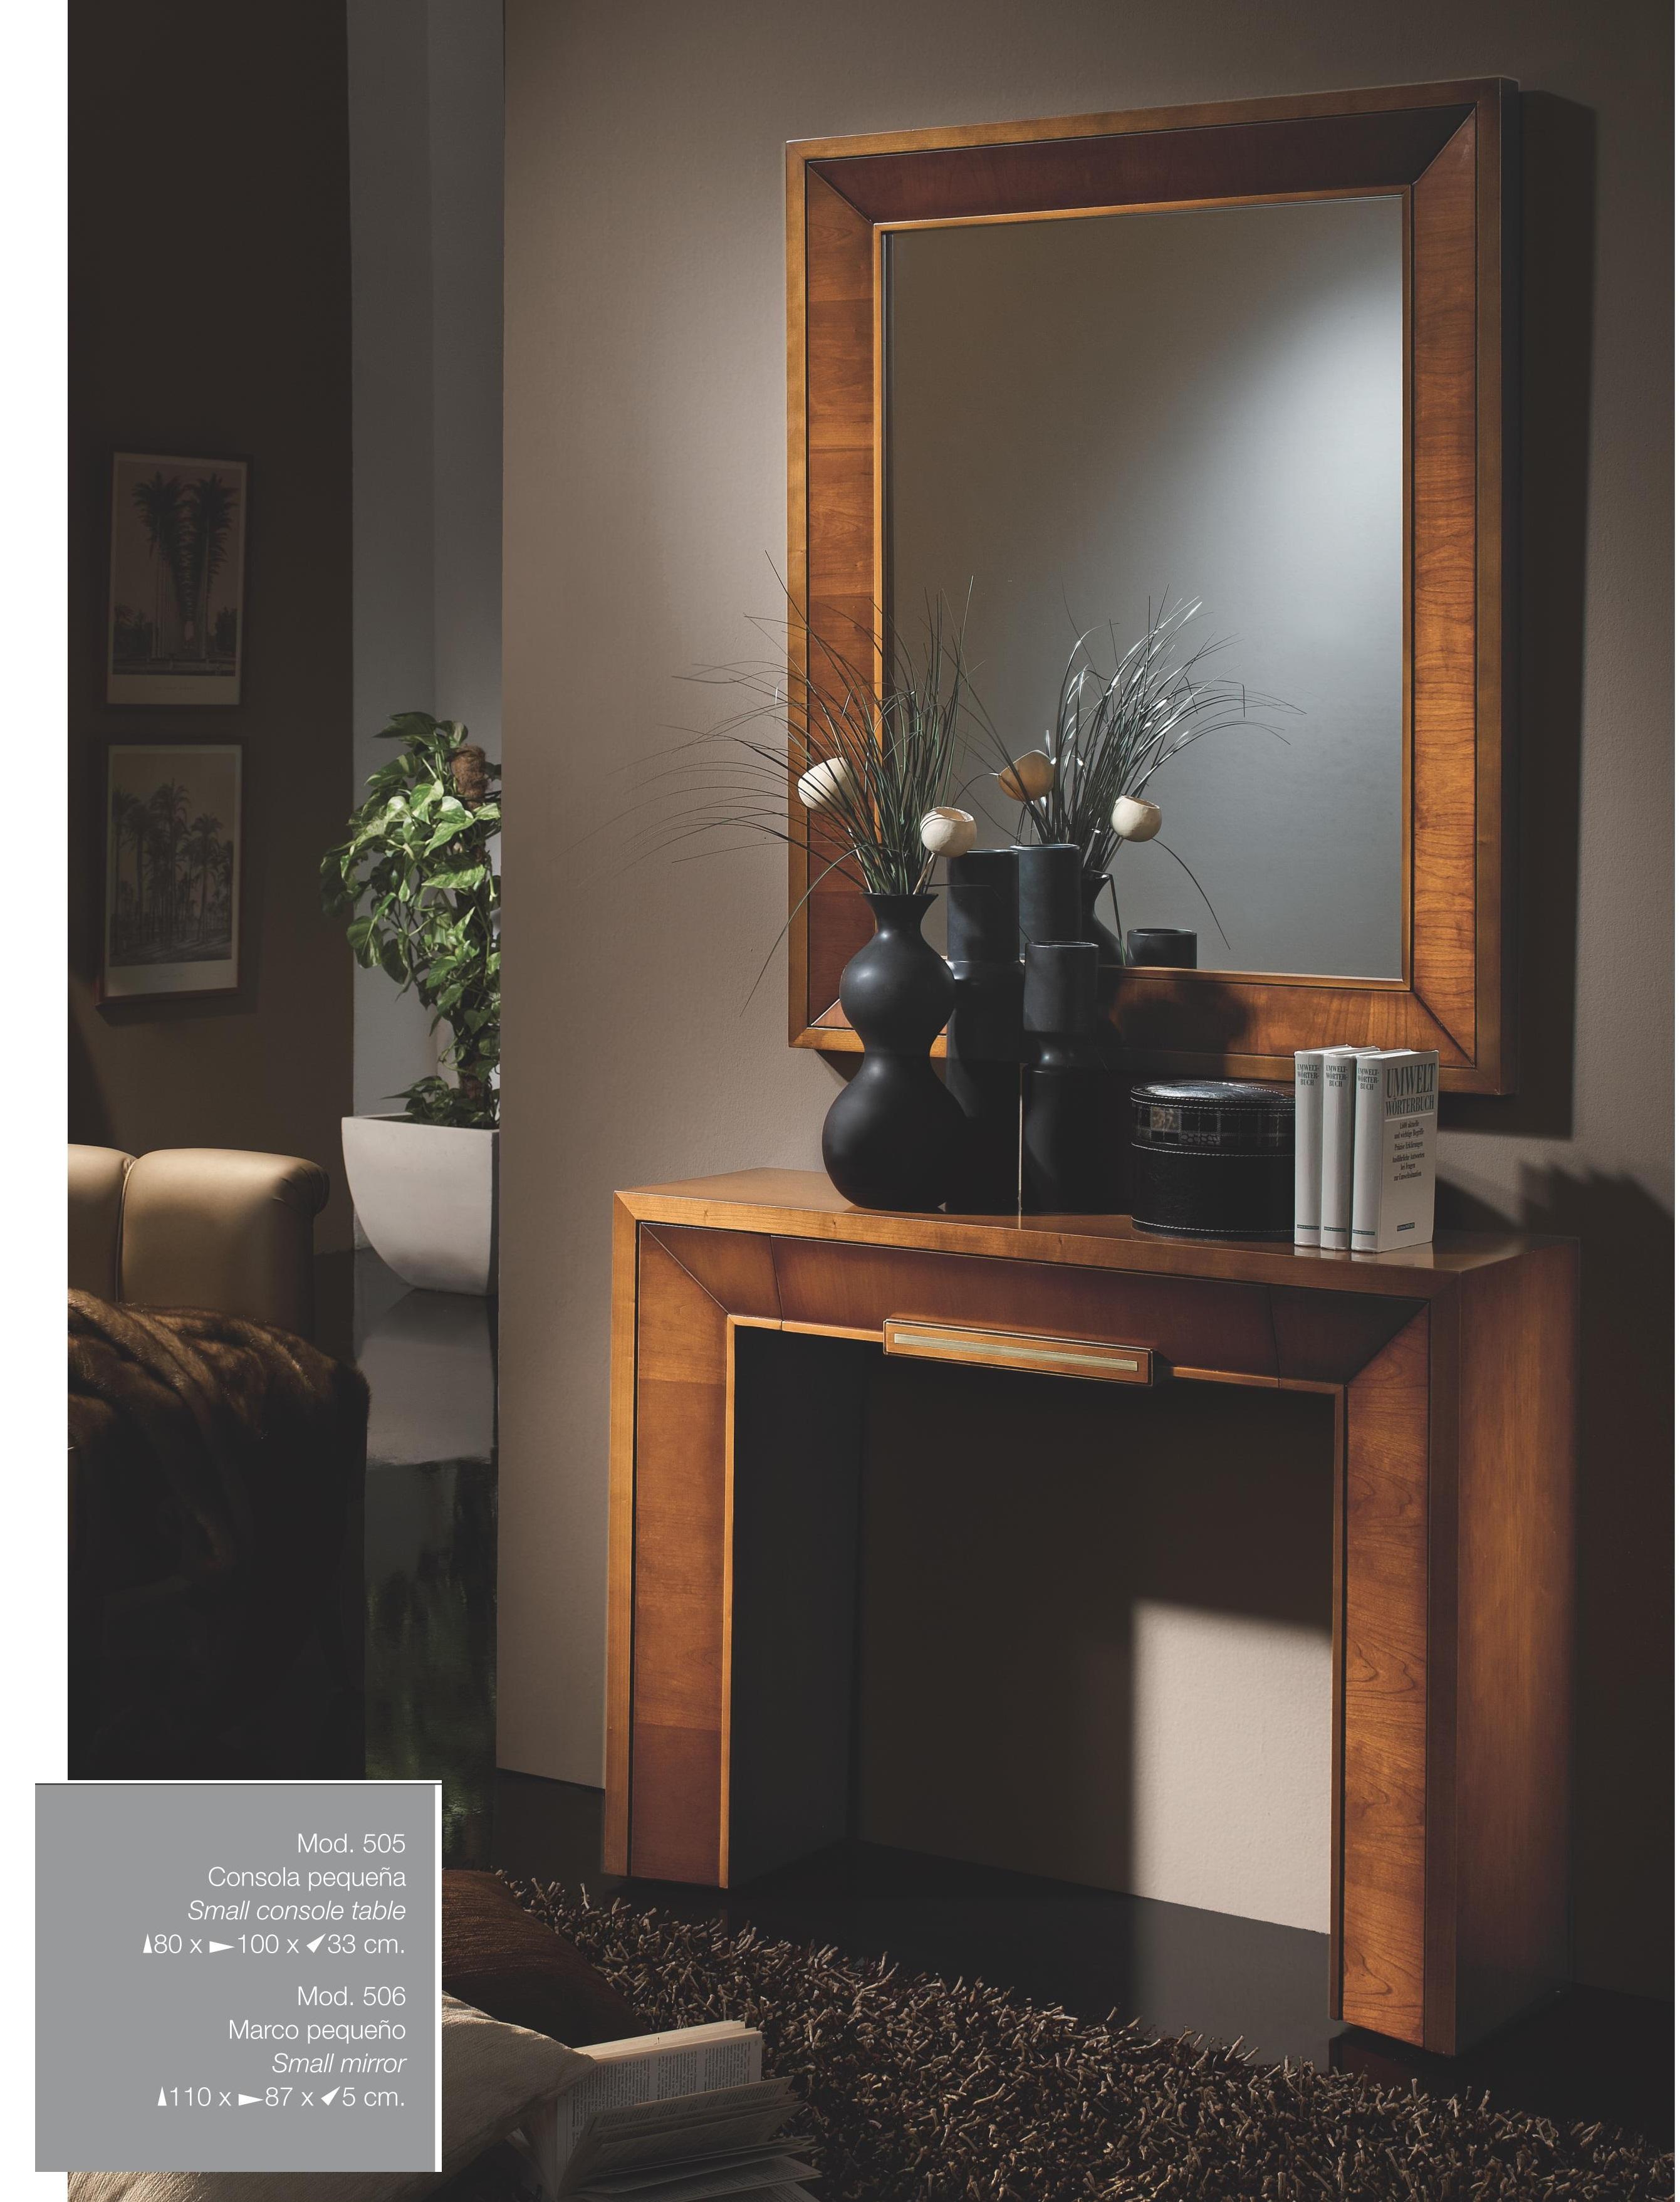 mueble recibidor buro clasico moderno lacado muebles valencia